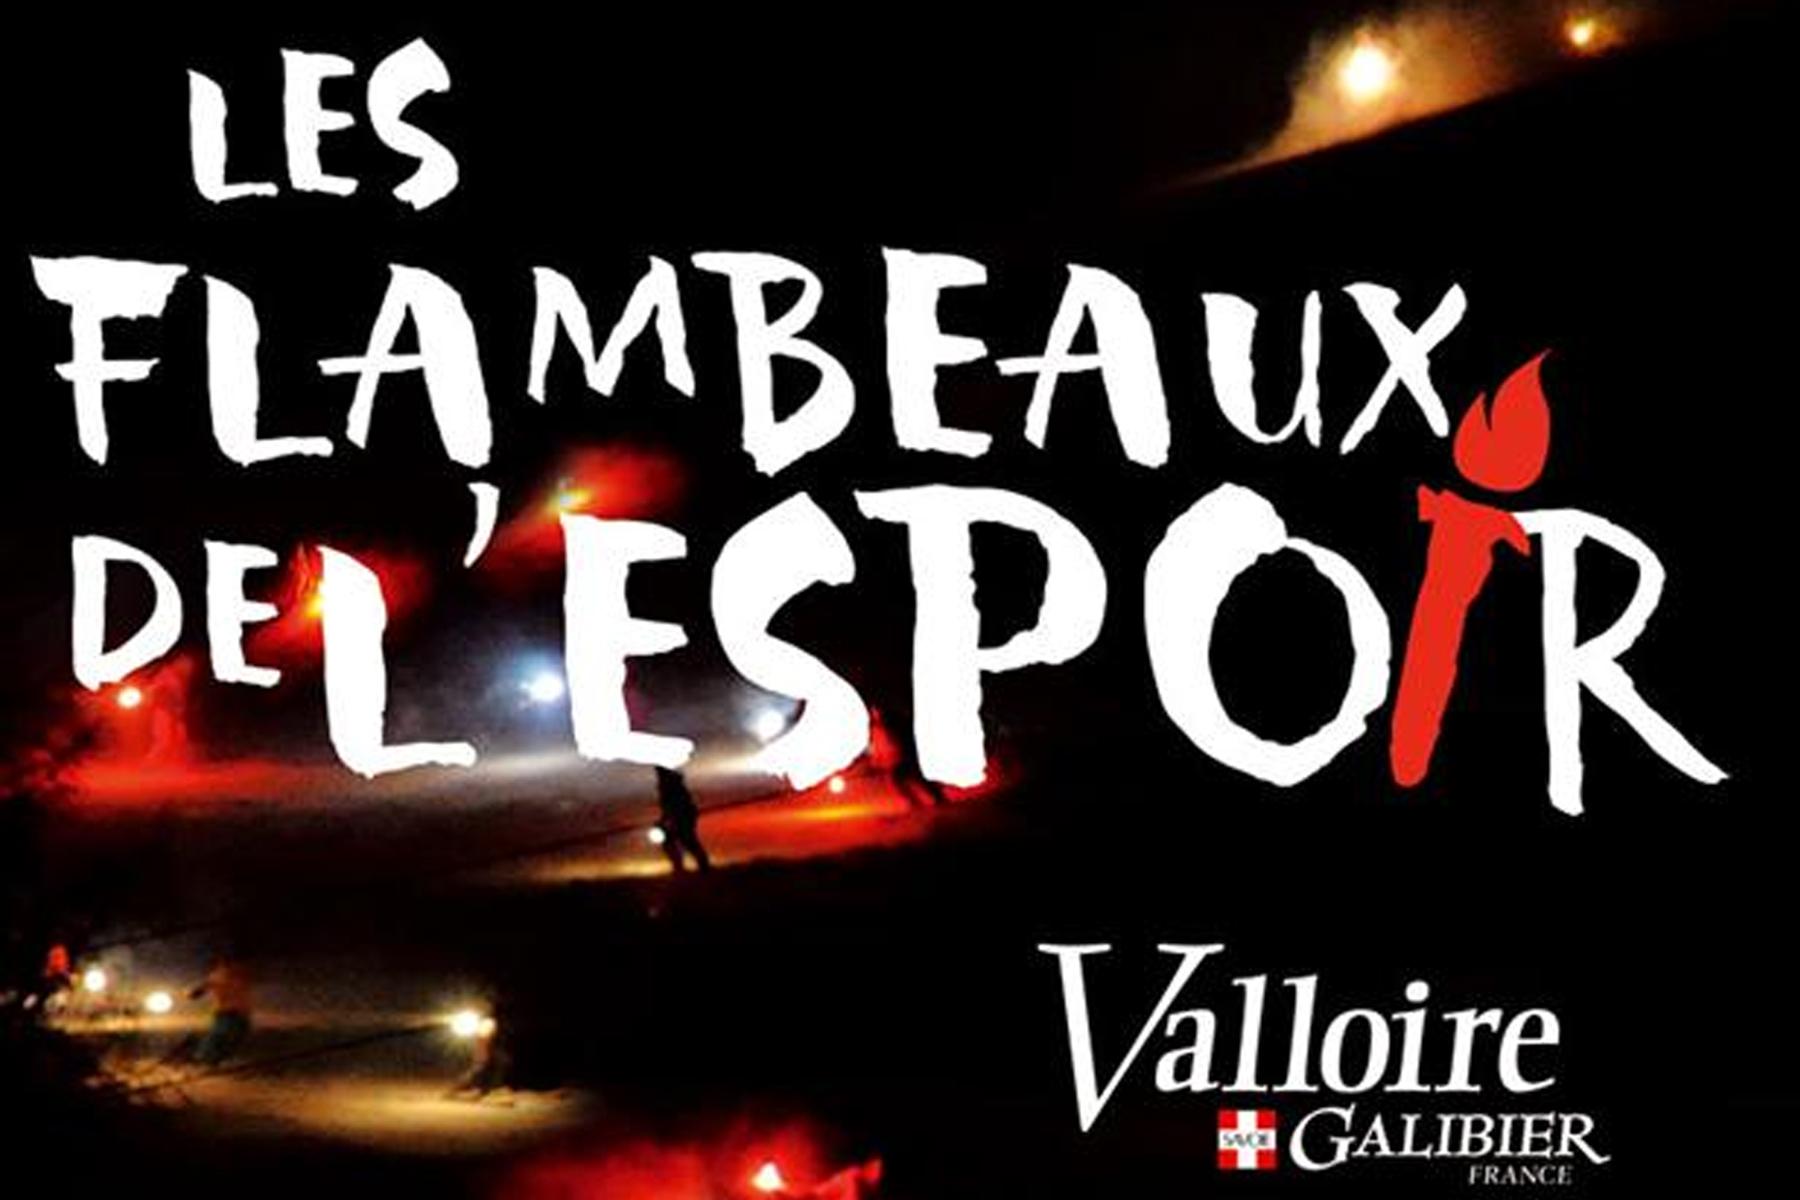 Les flambeaux de l'espoir © Ot Valloire